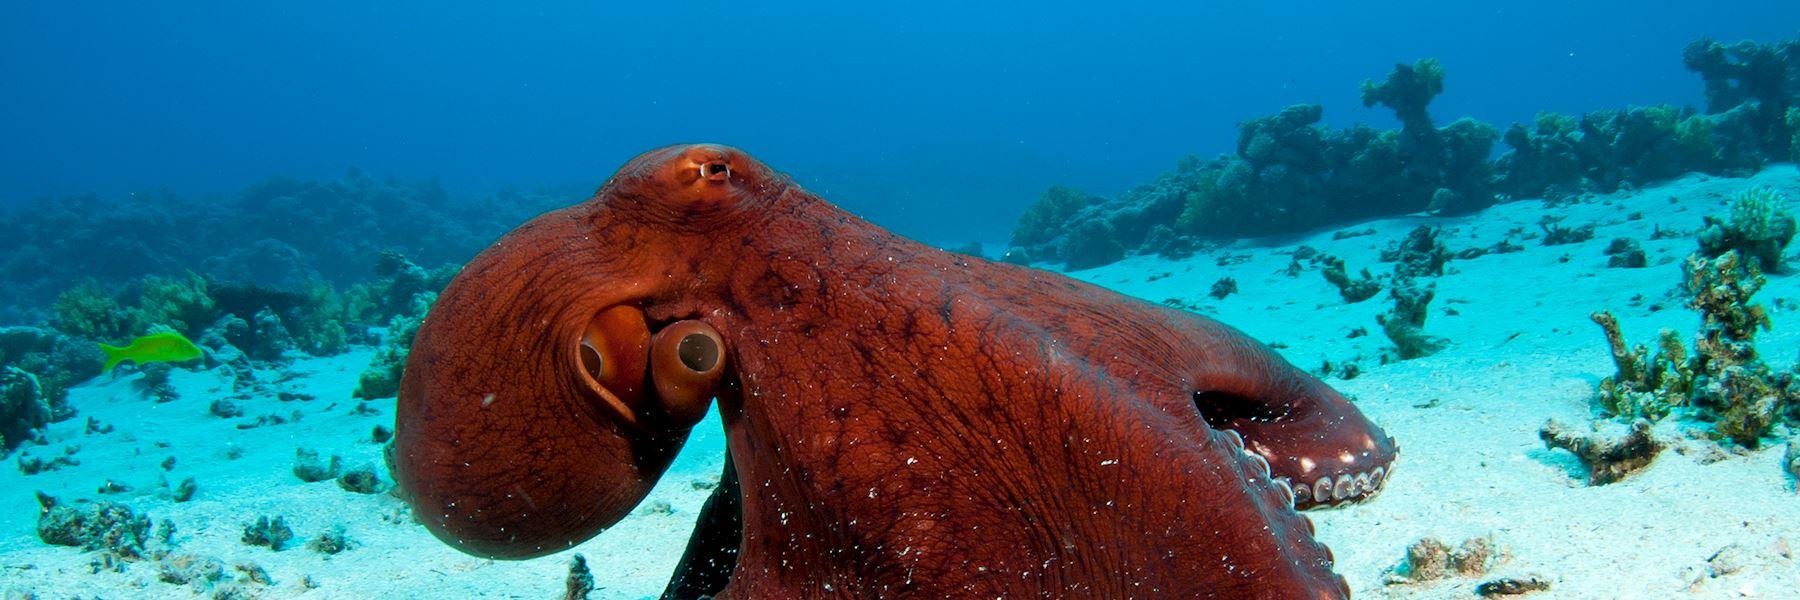 Visit Ningaloo Marine Park, Australia